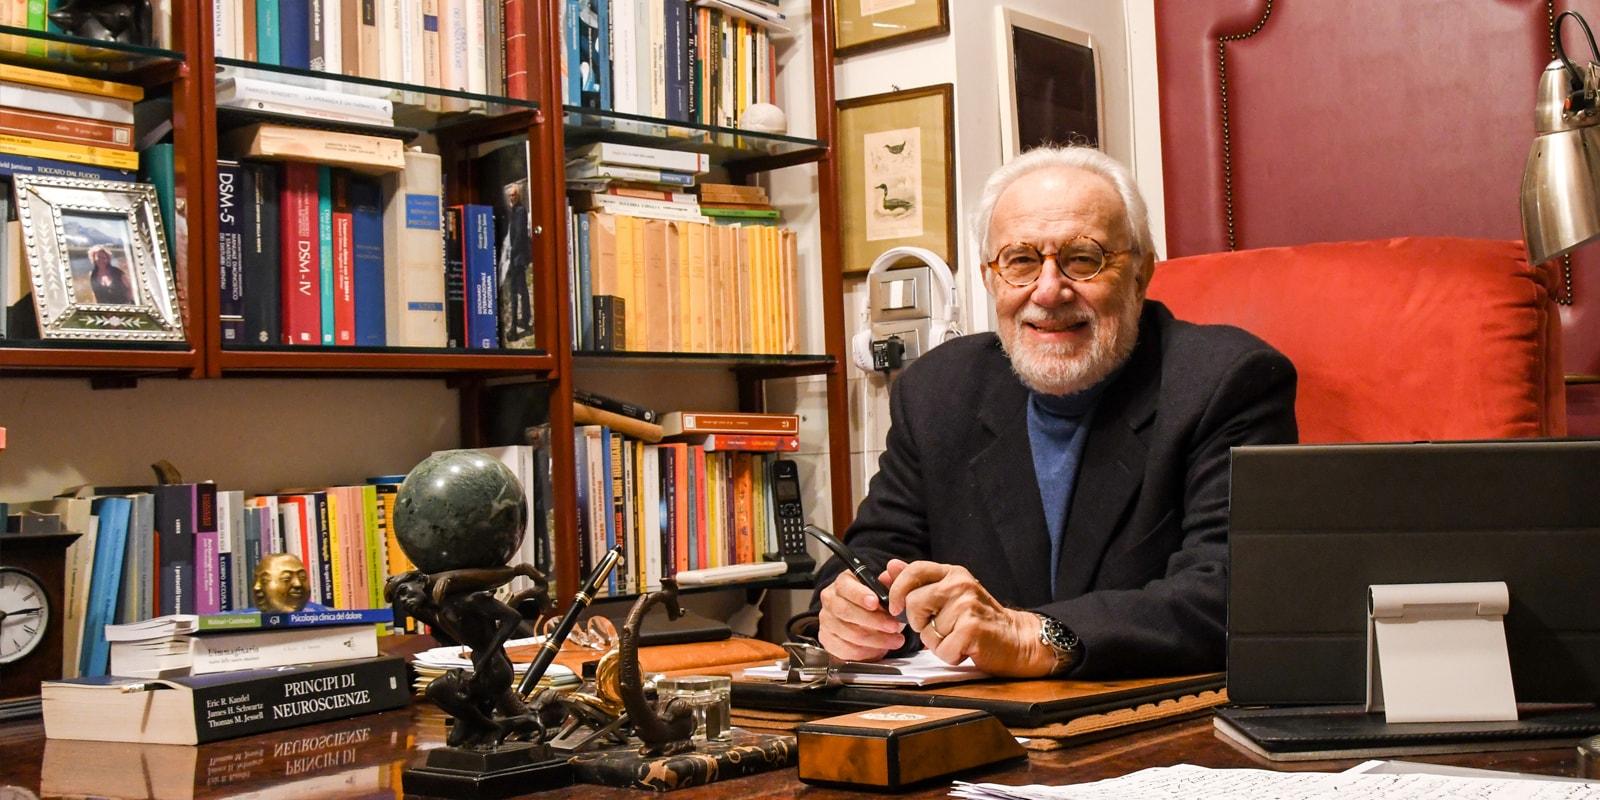 Dott. Roberto Solari - psicologo, psicoterapeuta e psiconcologo